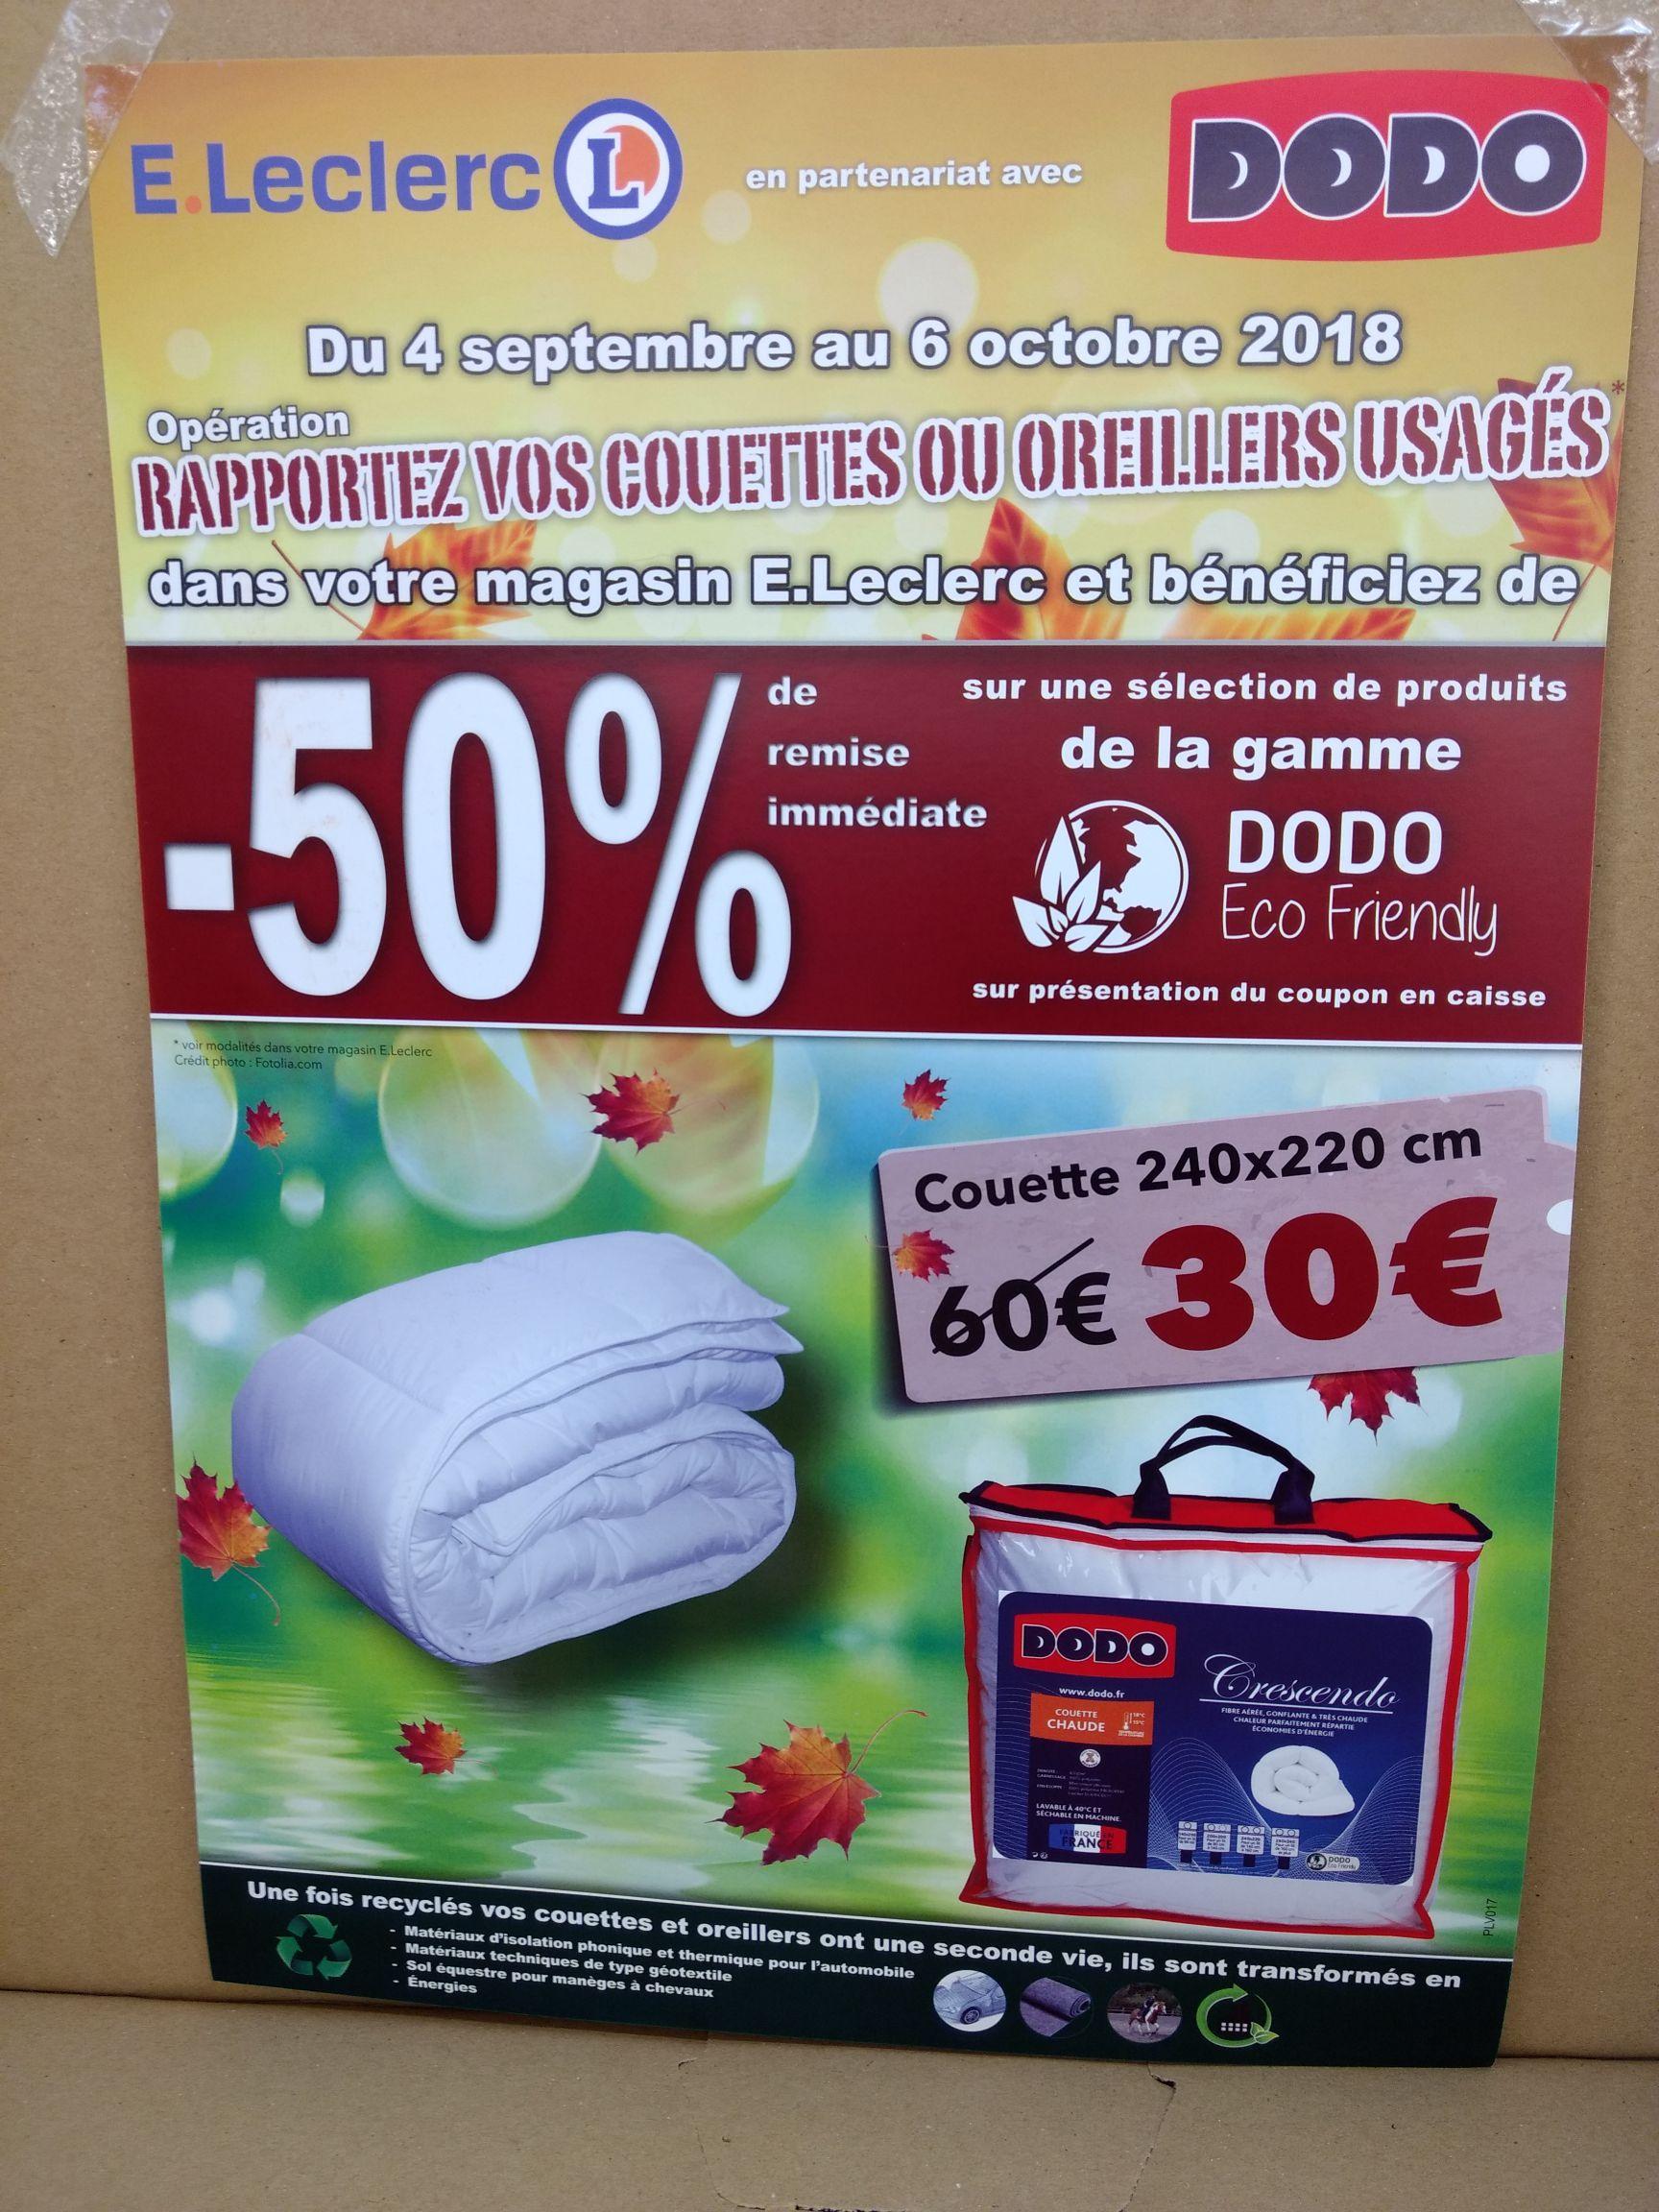 50 De Réduction Sur La Gamme De Couettes Et Oreillers Dodo Eco